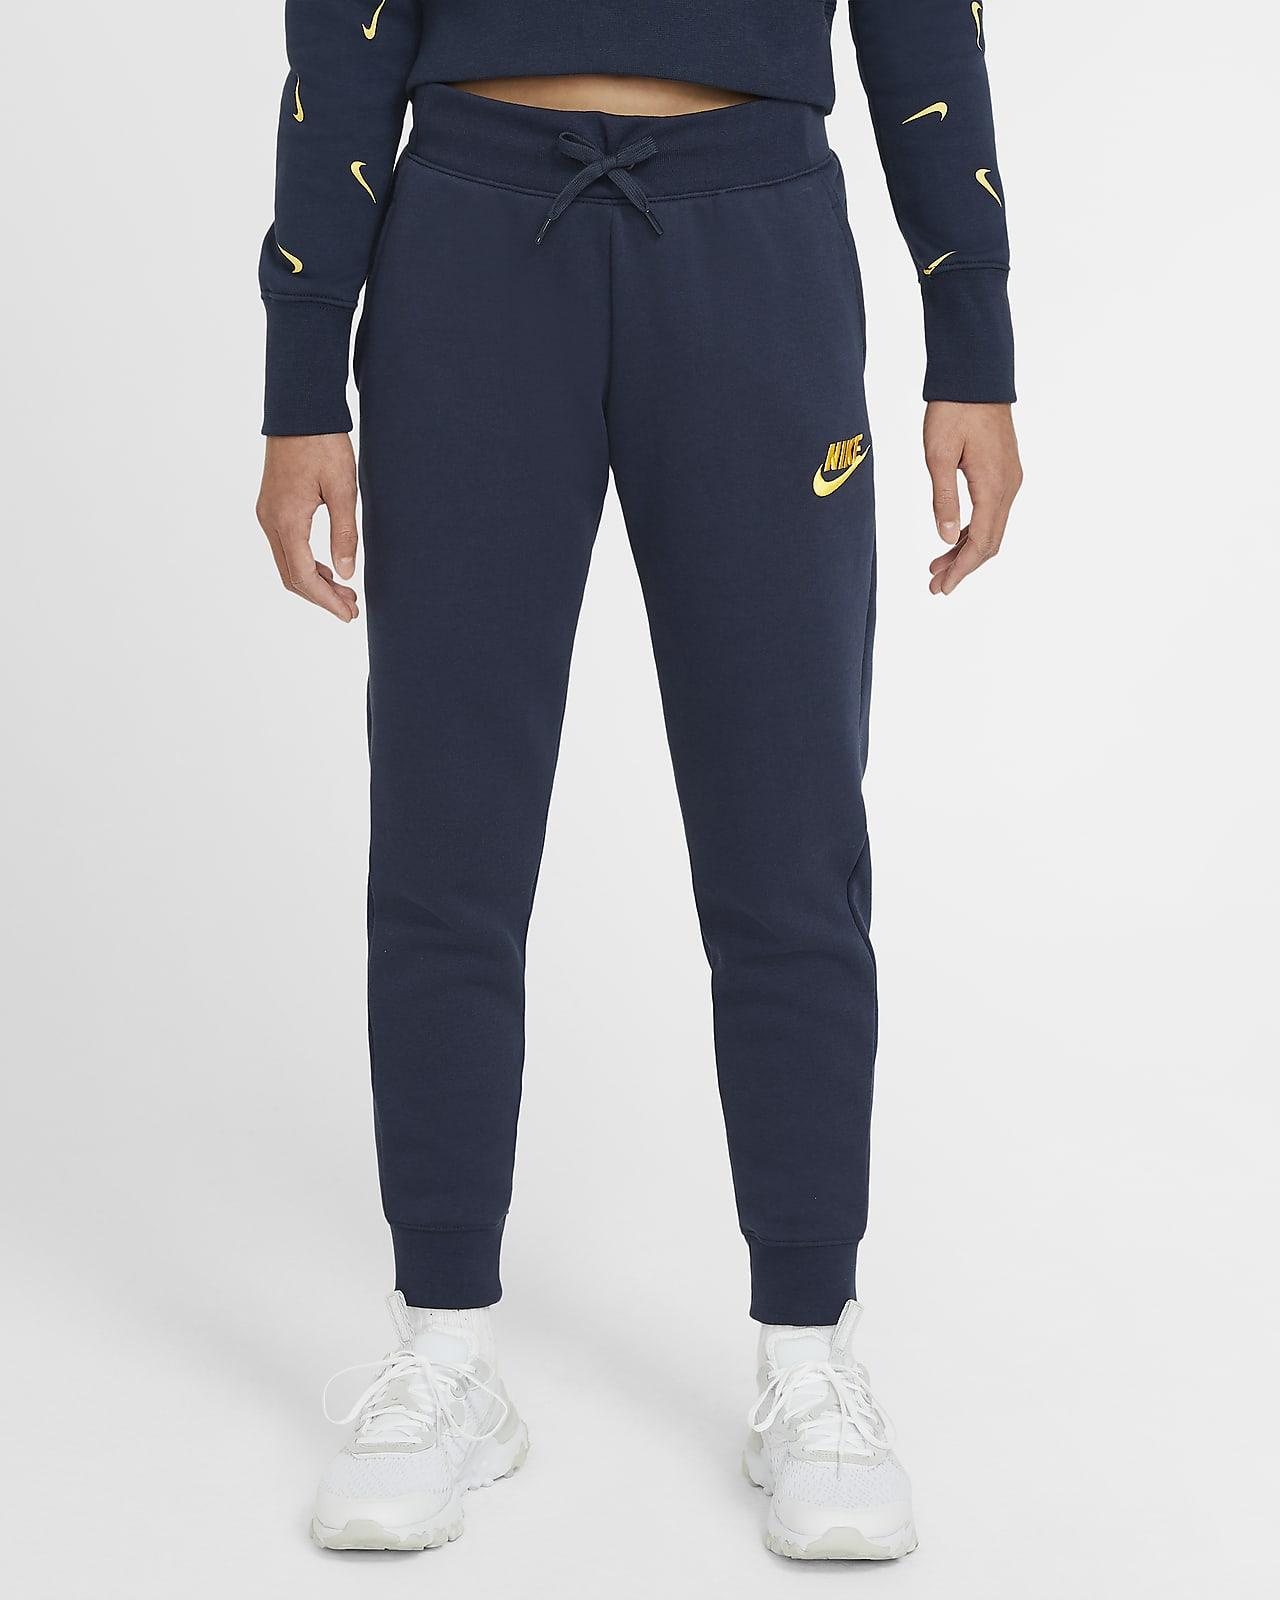 Pantalon Nike Sportswear pour Fille plus âgée